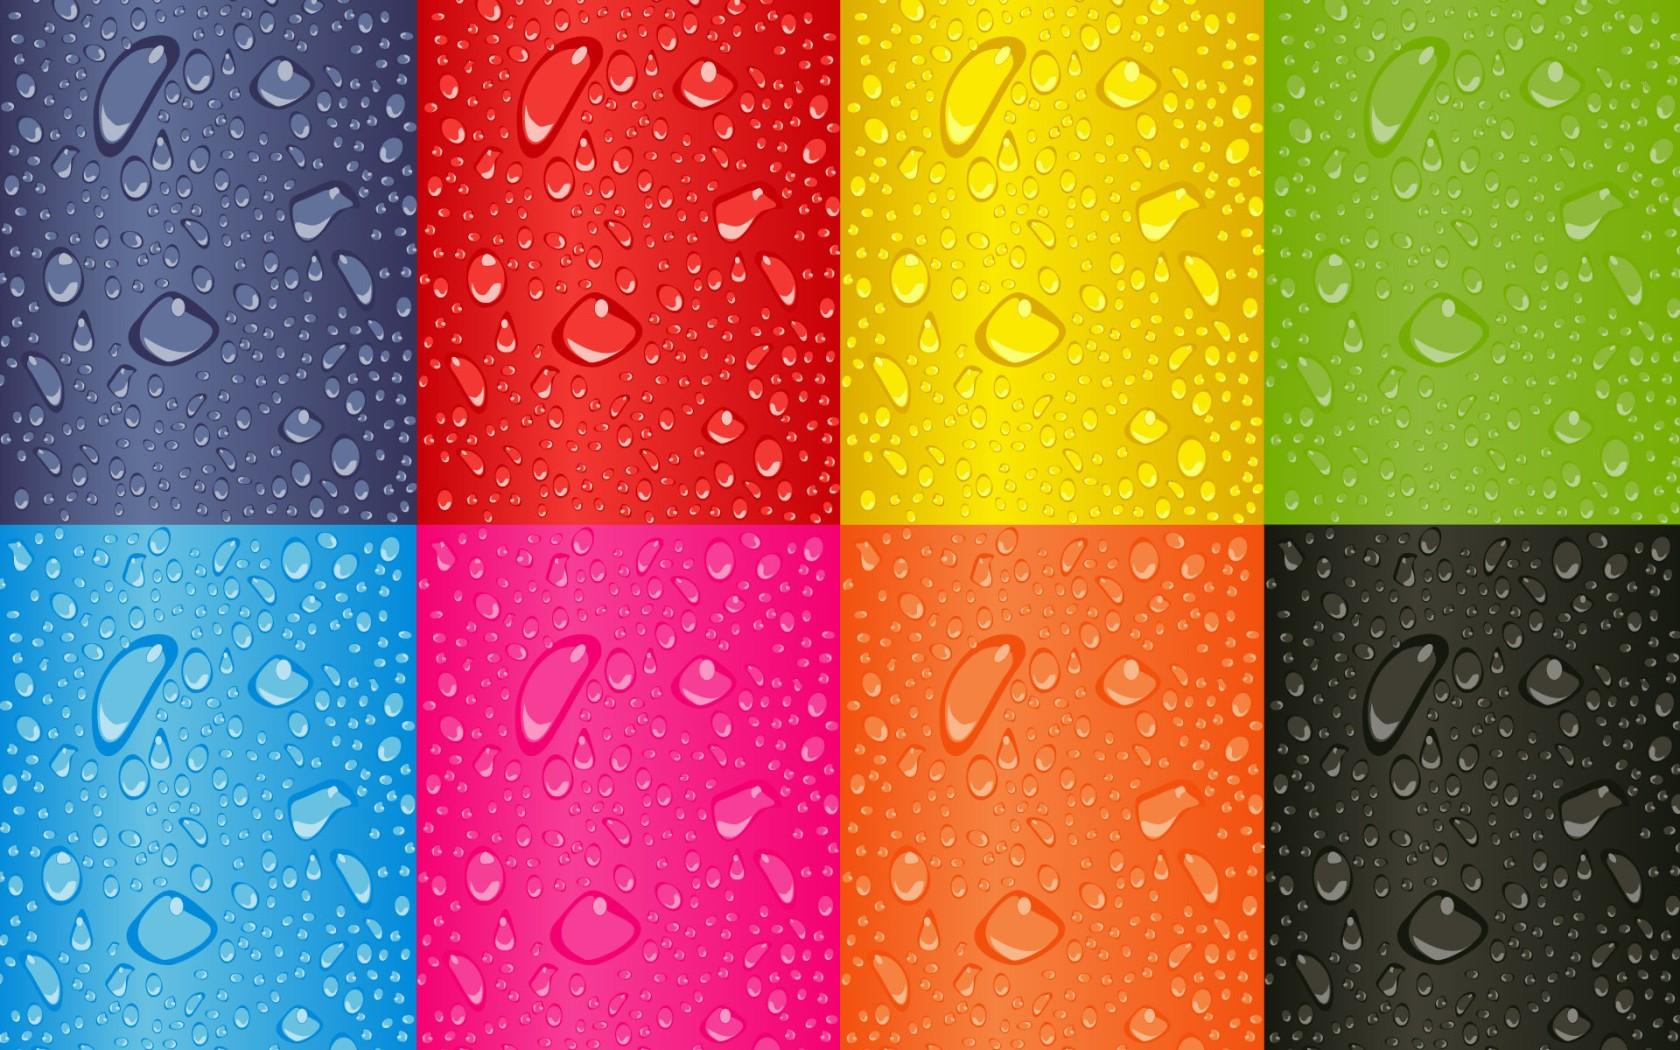 Cuadros de colores - 1680x1050